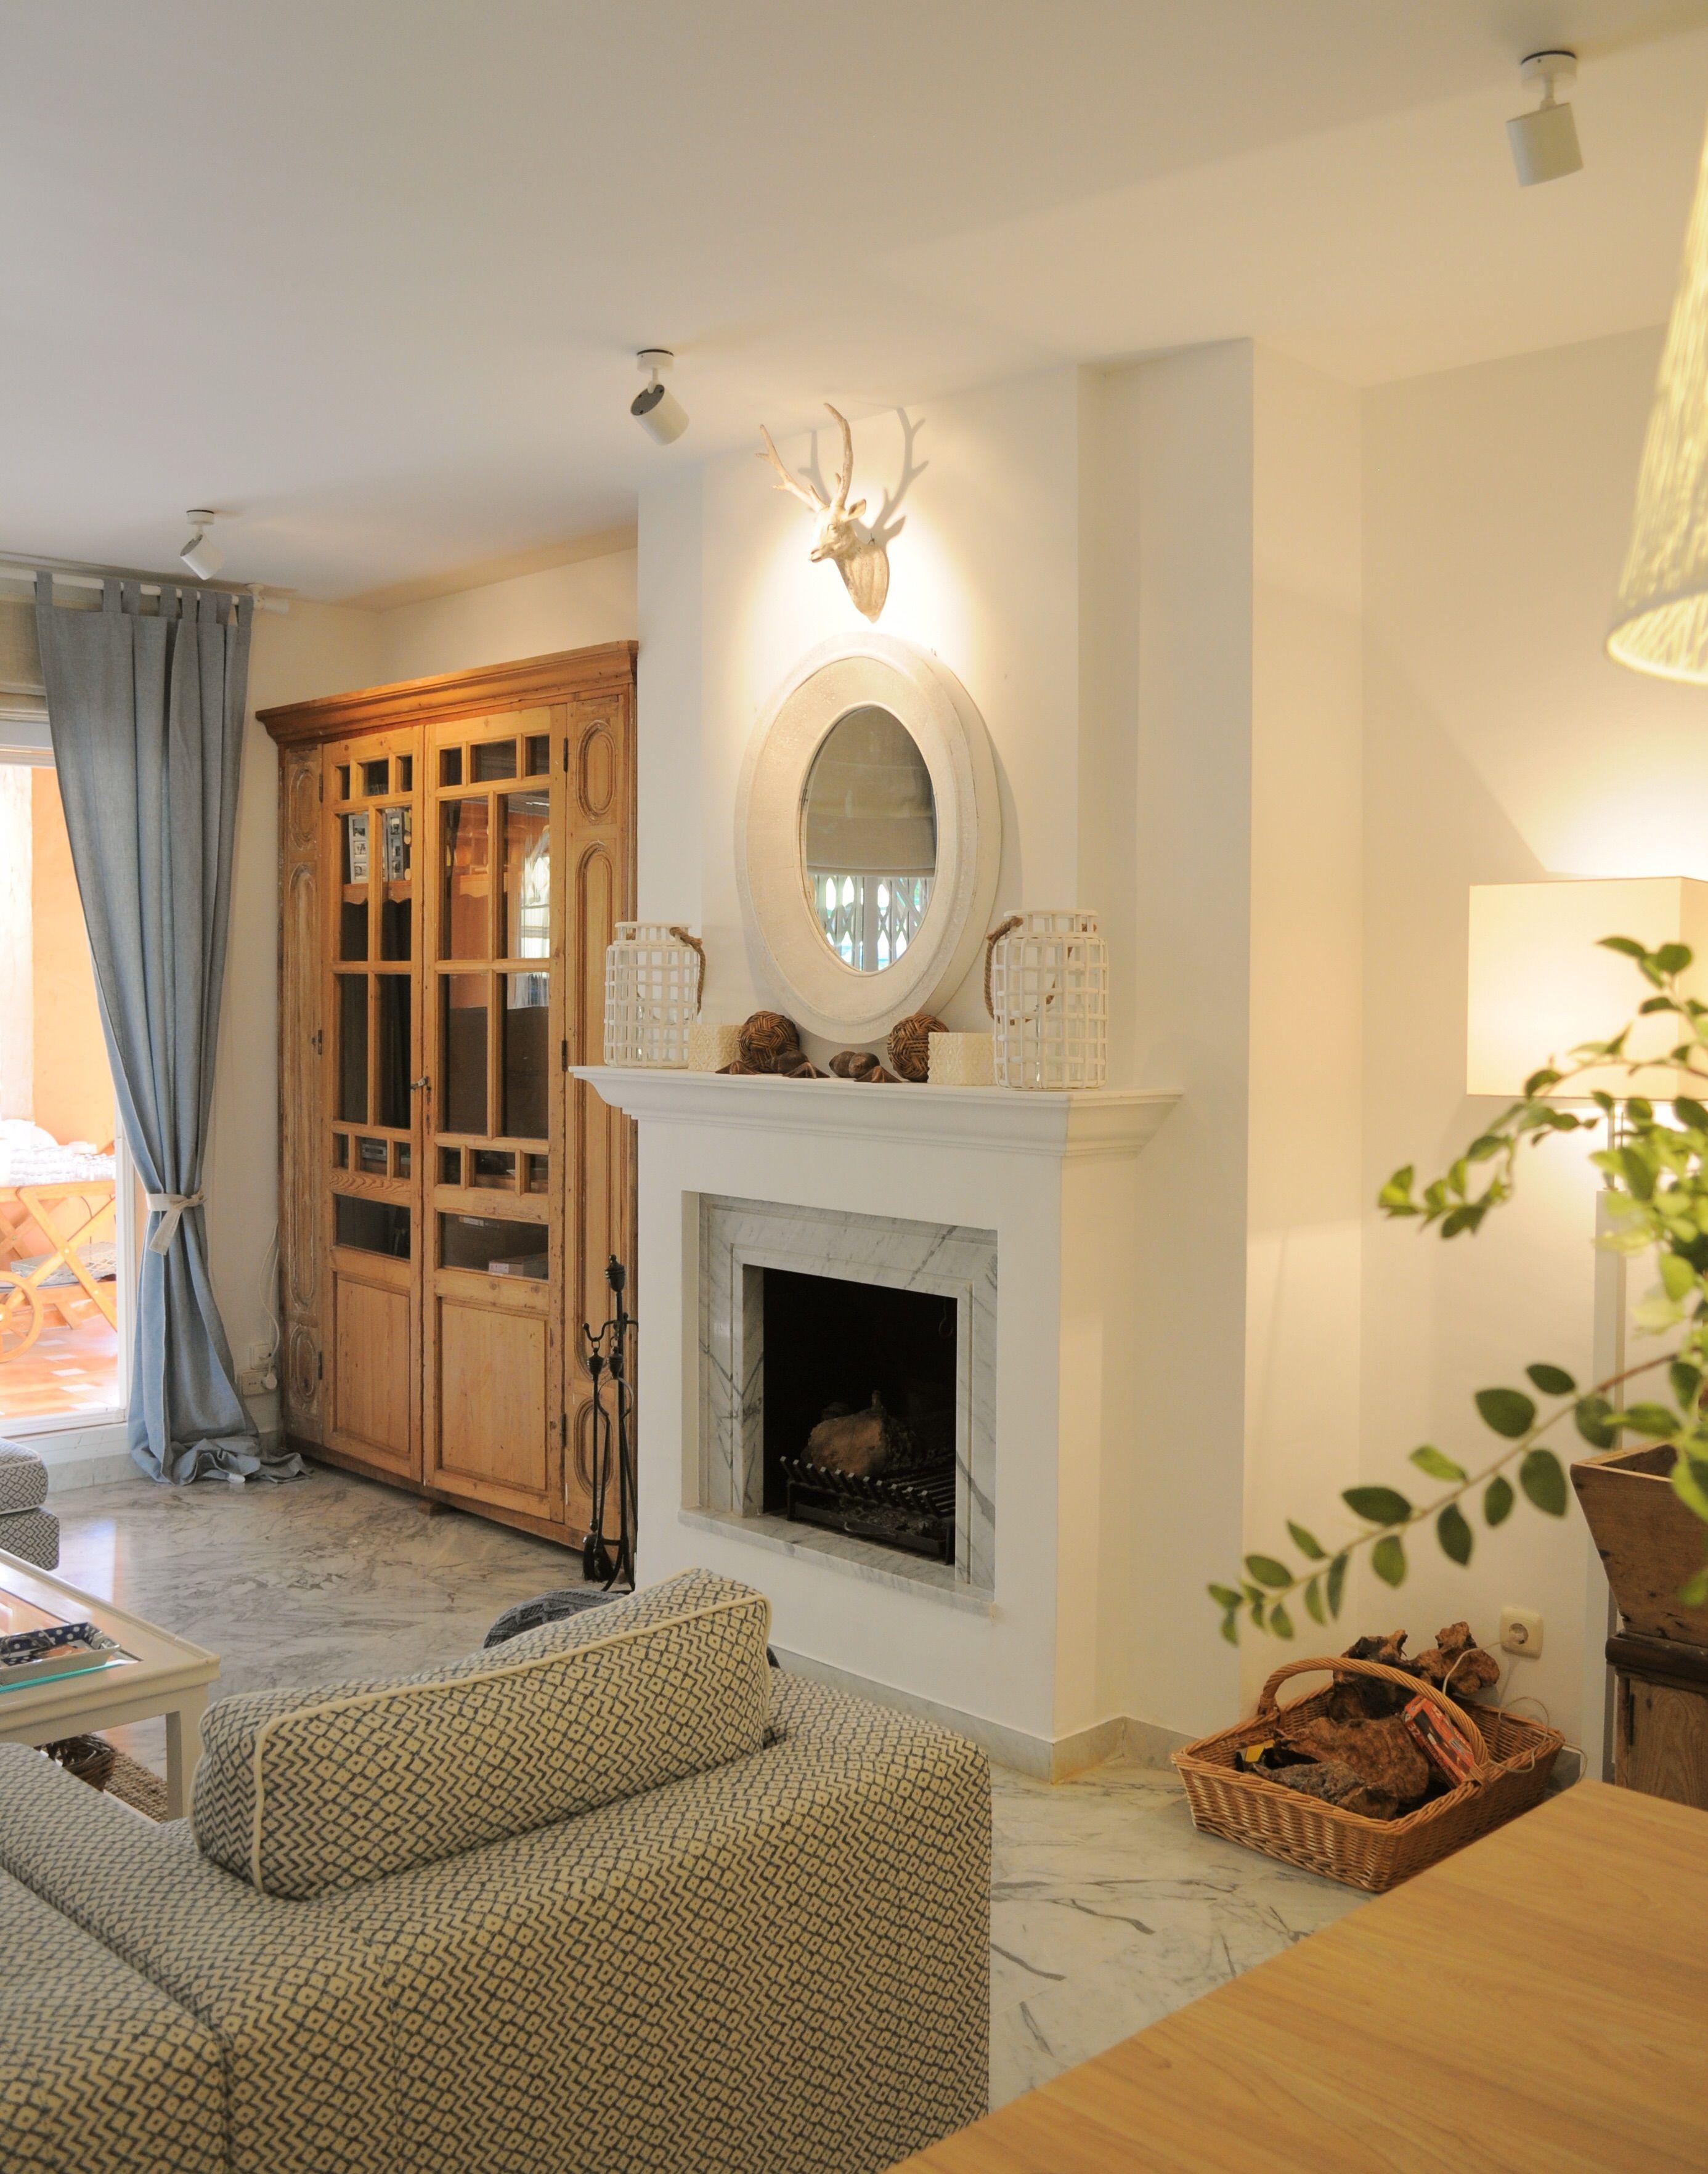 Salon tradicional decoracion via planreforma - Accesorios de chimeneas ...